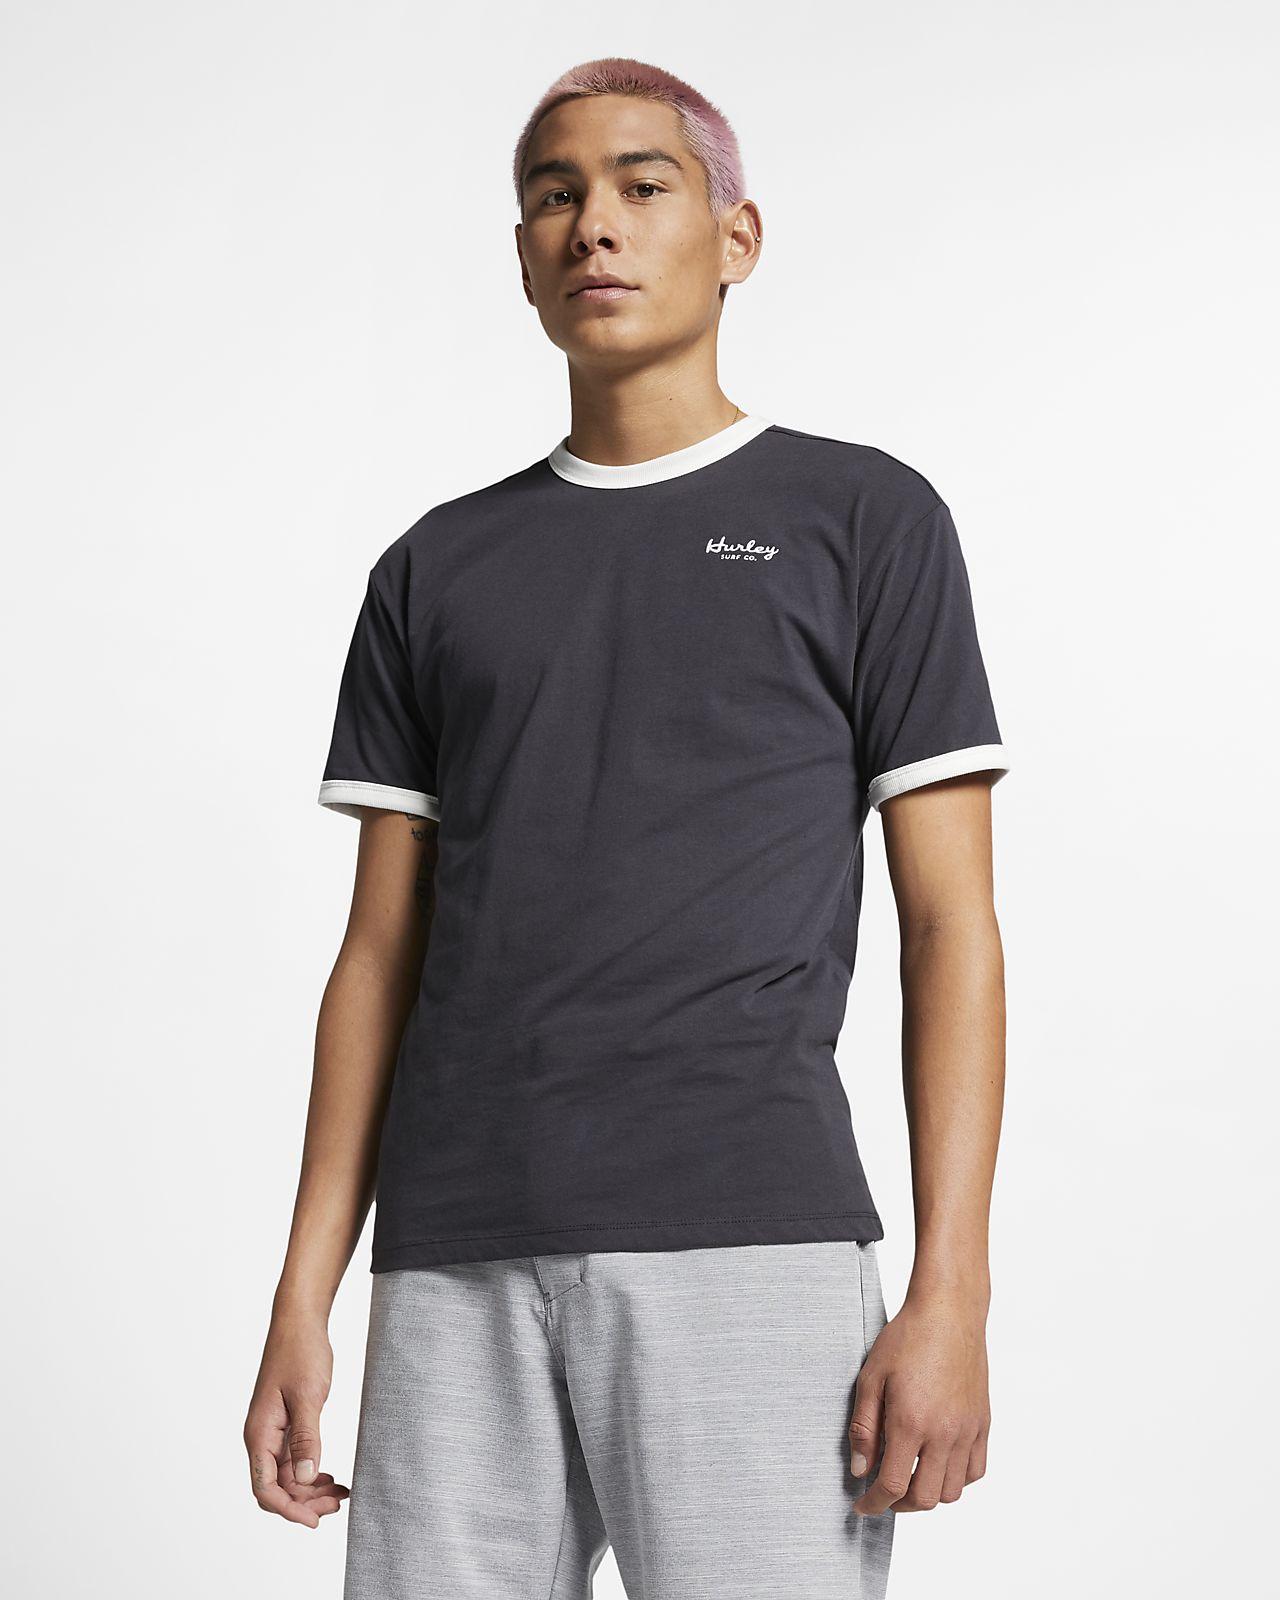 Hurley Mens Nike Dri-fit Premium Short Sleeve Tshirt